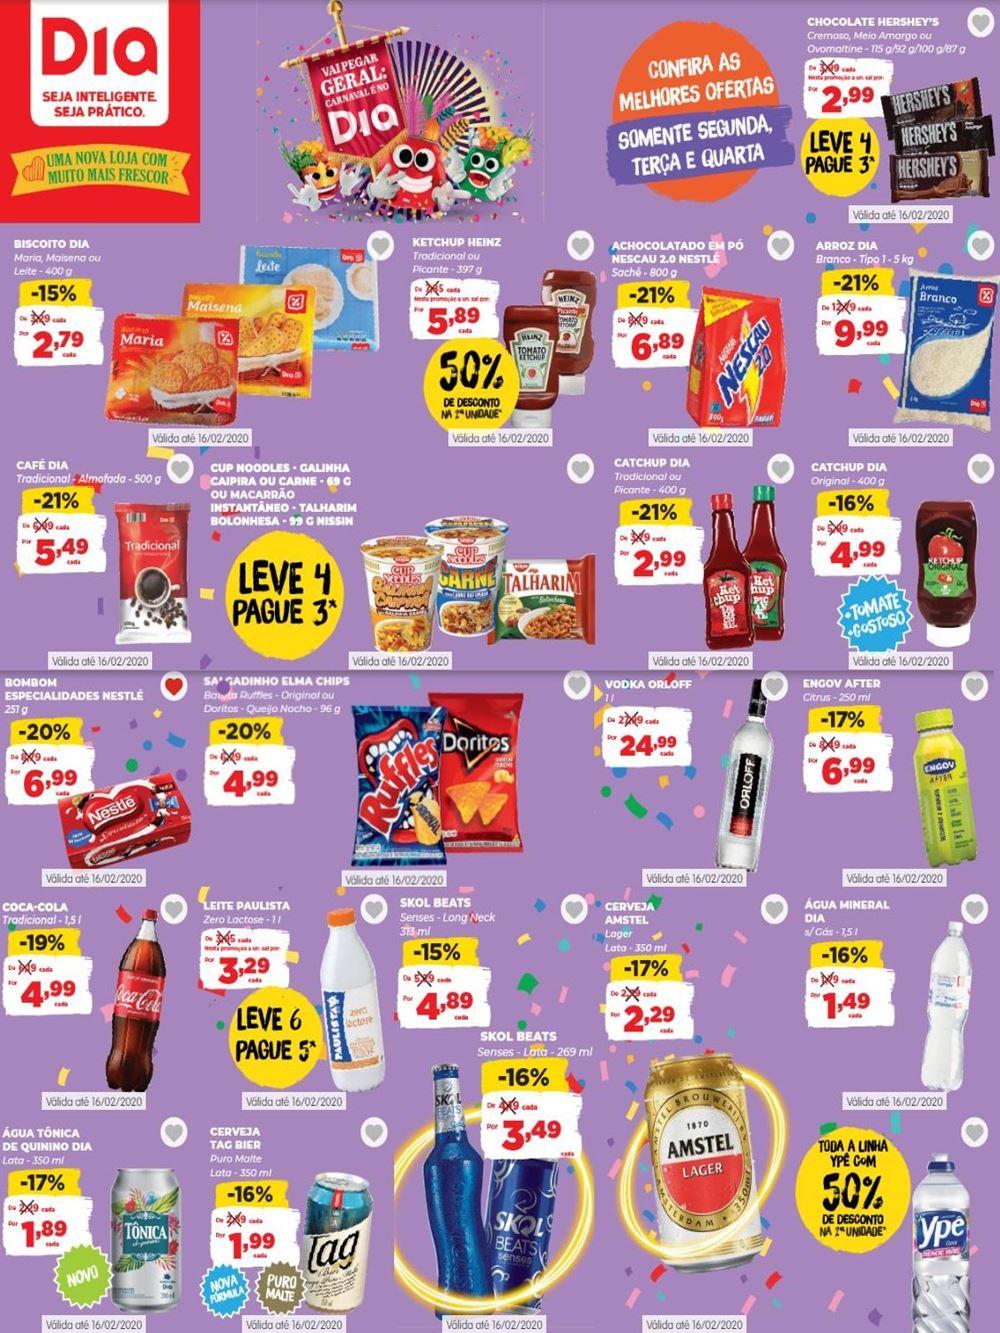 dia-Ofertas-tabloide1-2 Novo Folheto Dia Supermercado Ofertas até 16 de Fevereiro: confira